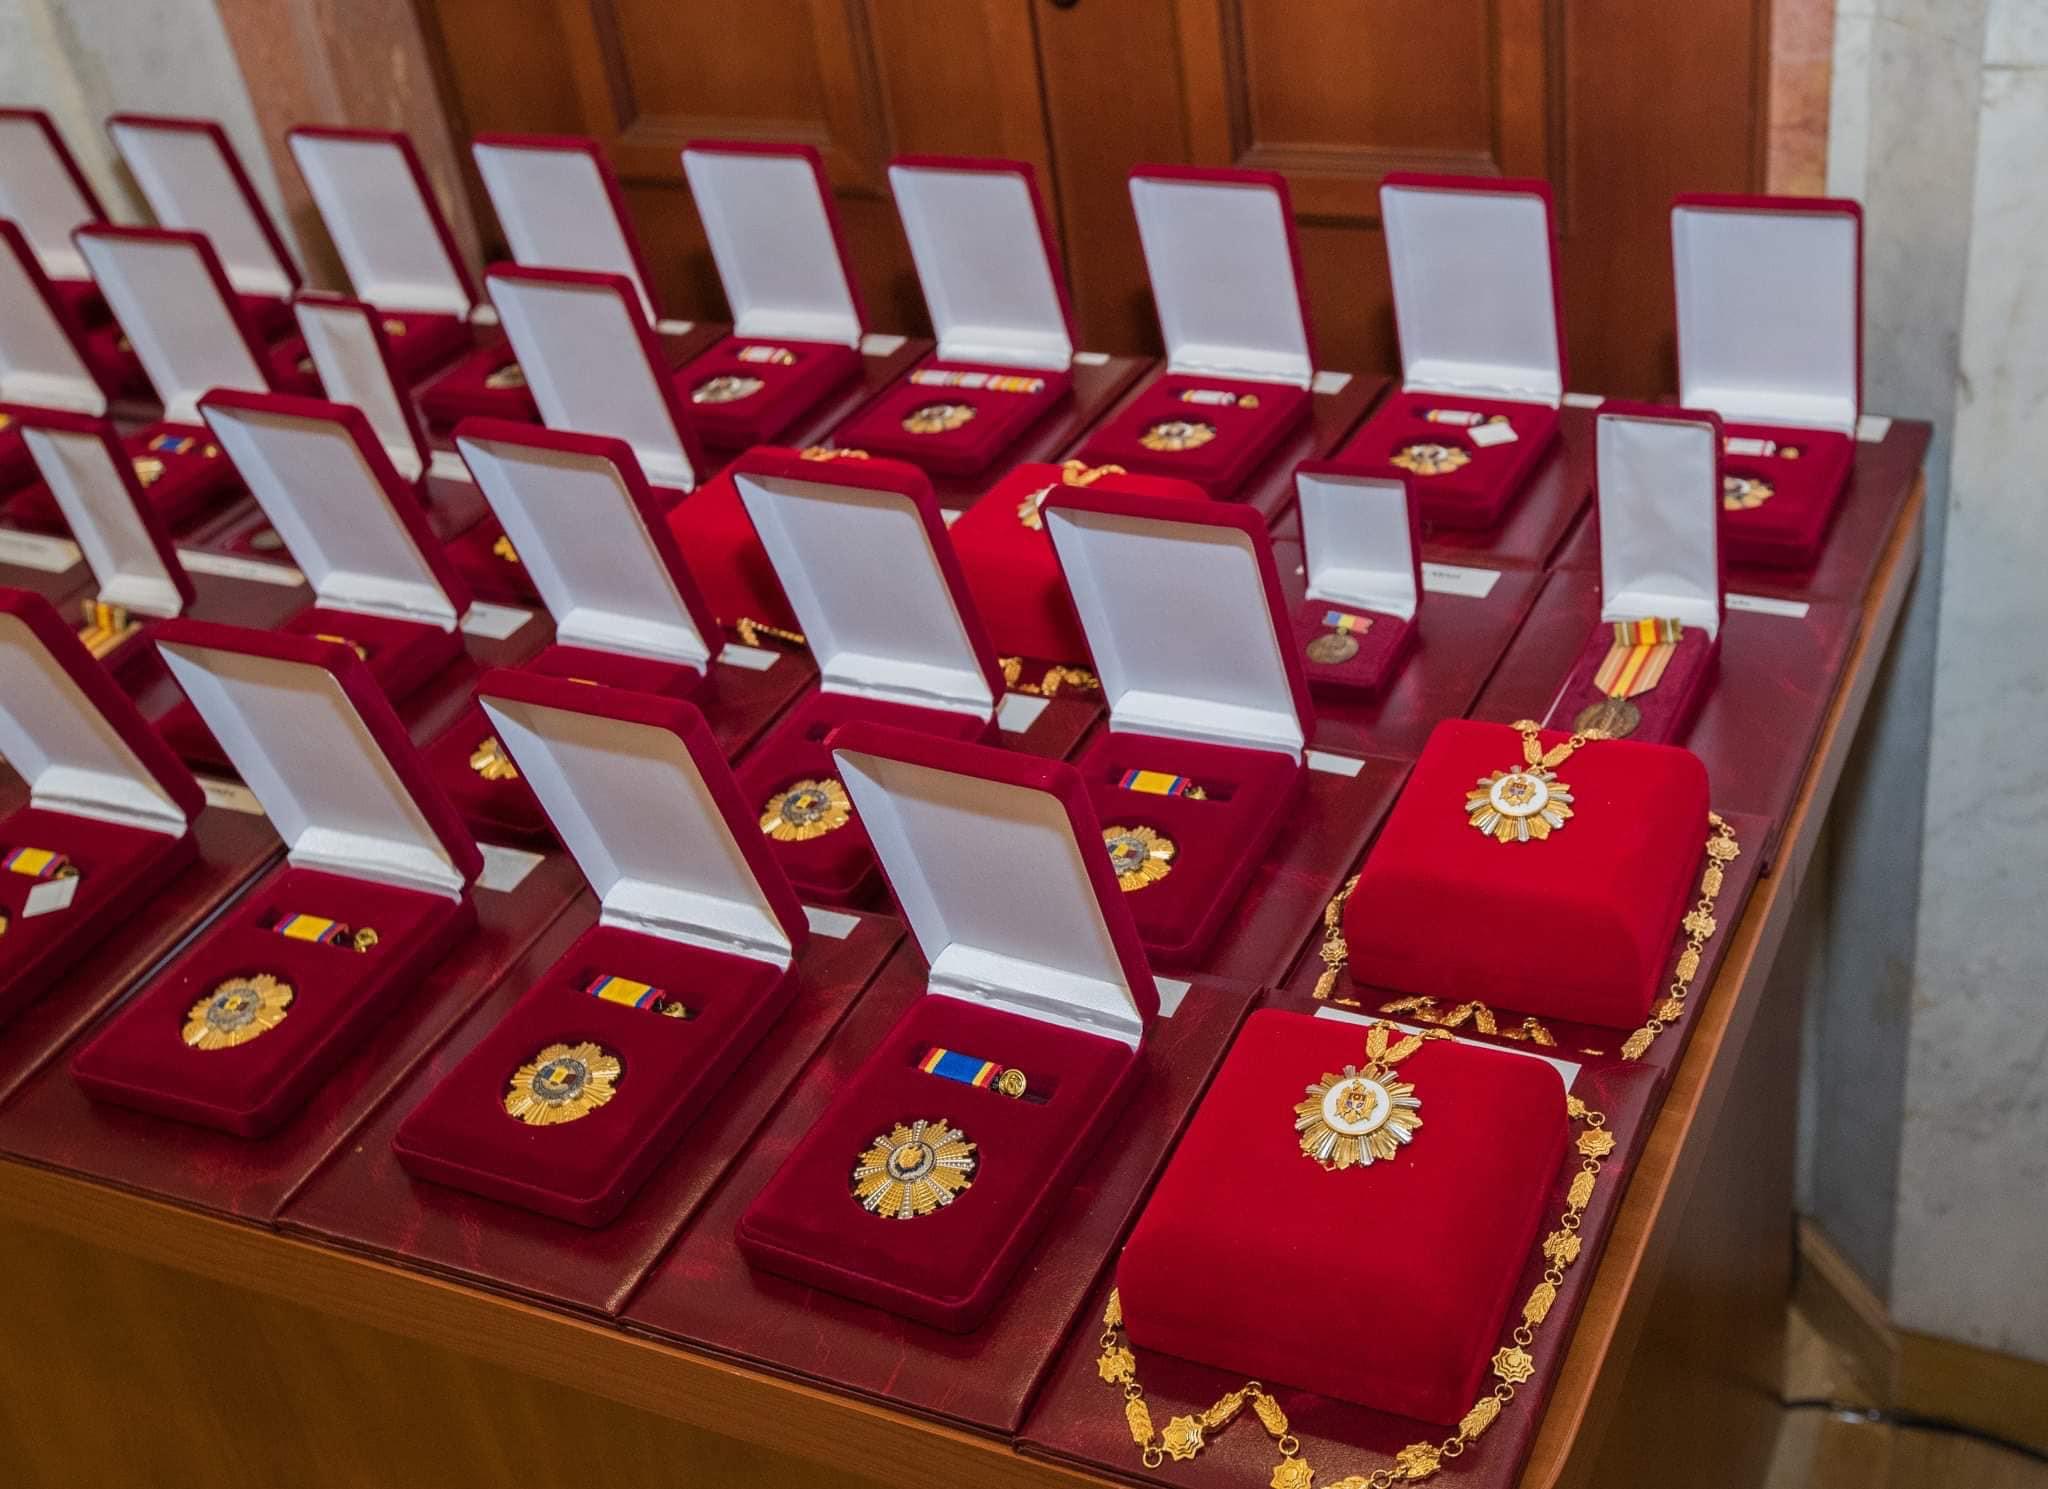 За особые заслуги перед государством и многолетний труд: президент вручил награды группе граждан (ФОТО, ВИДЕО)